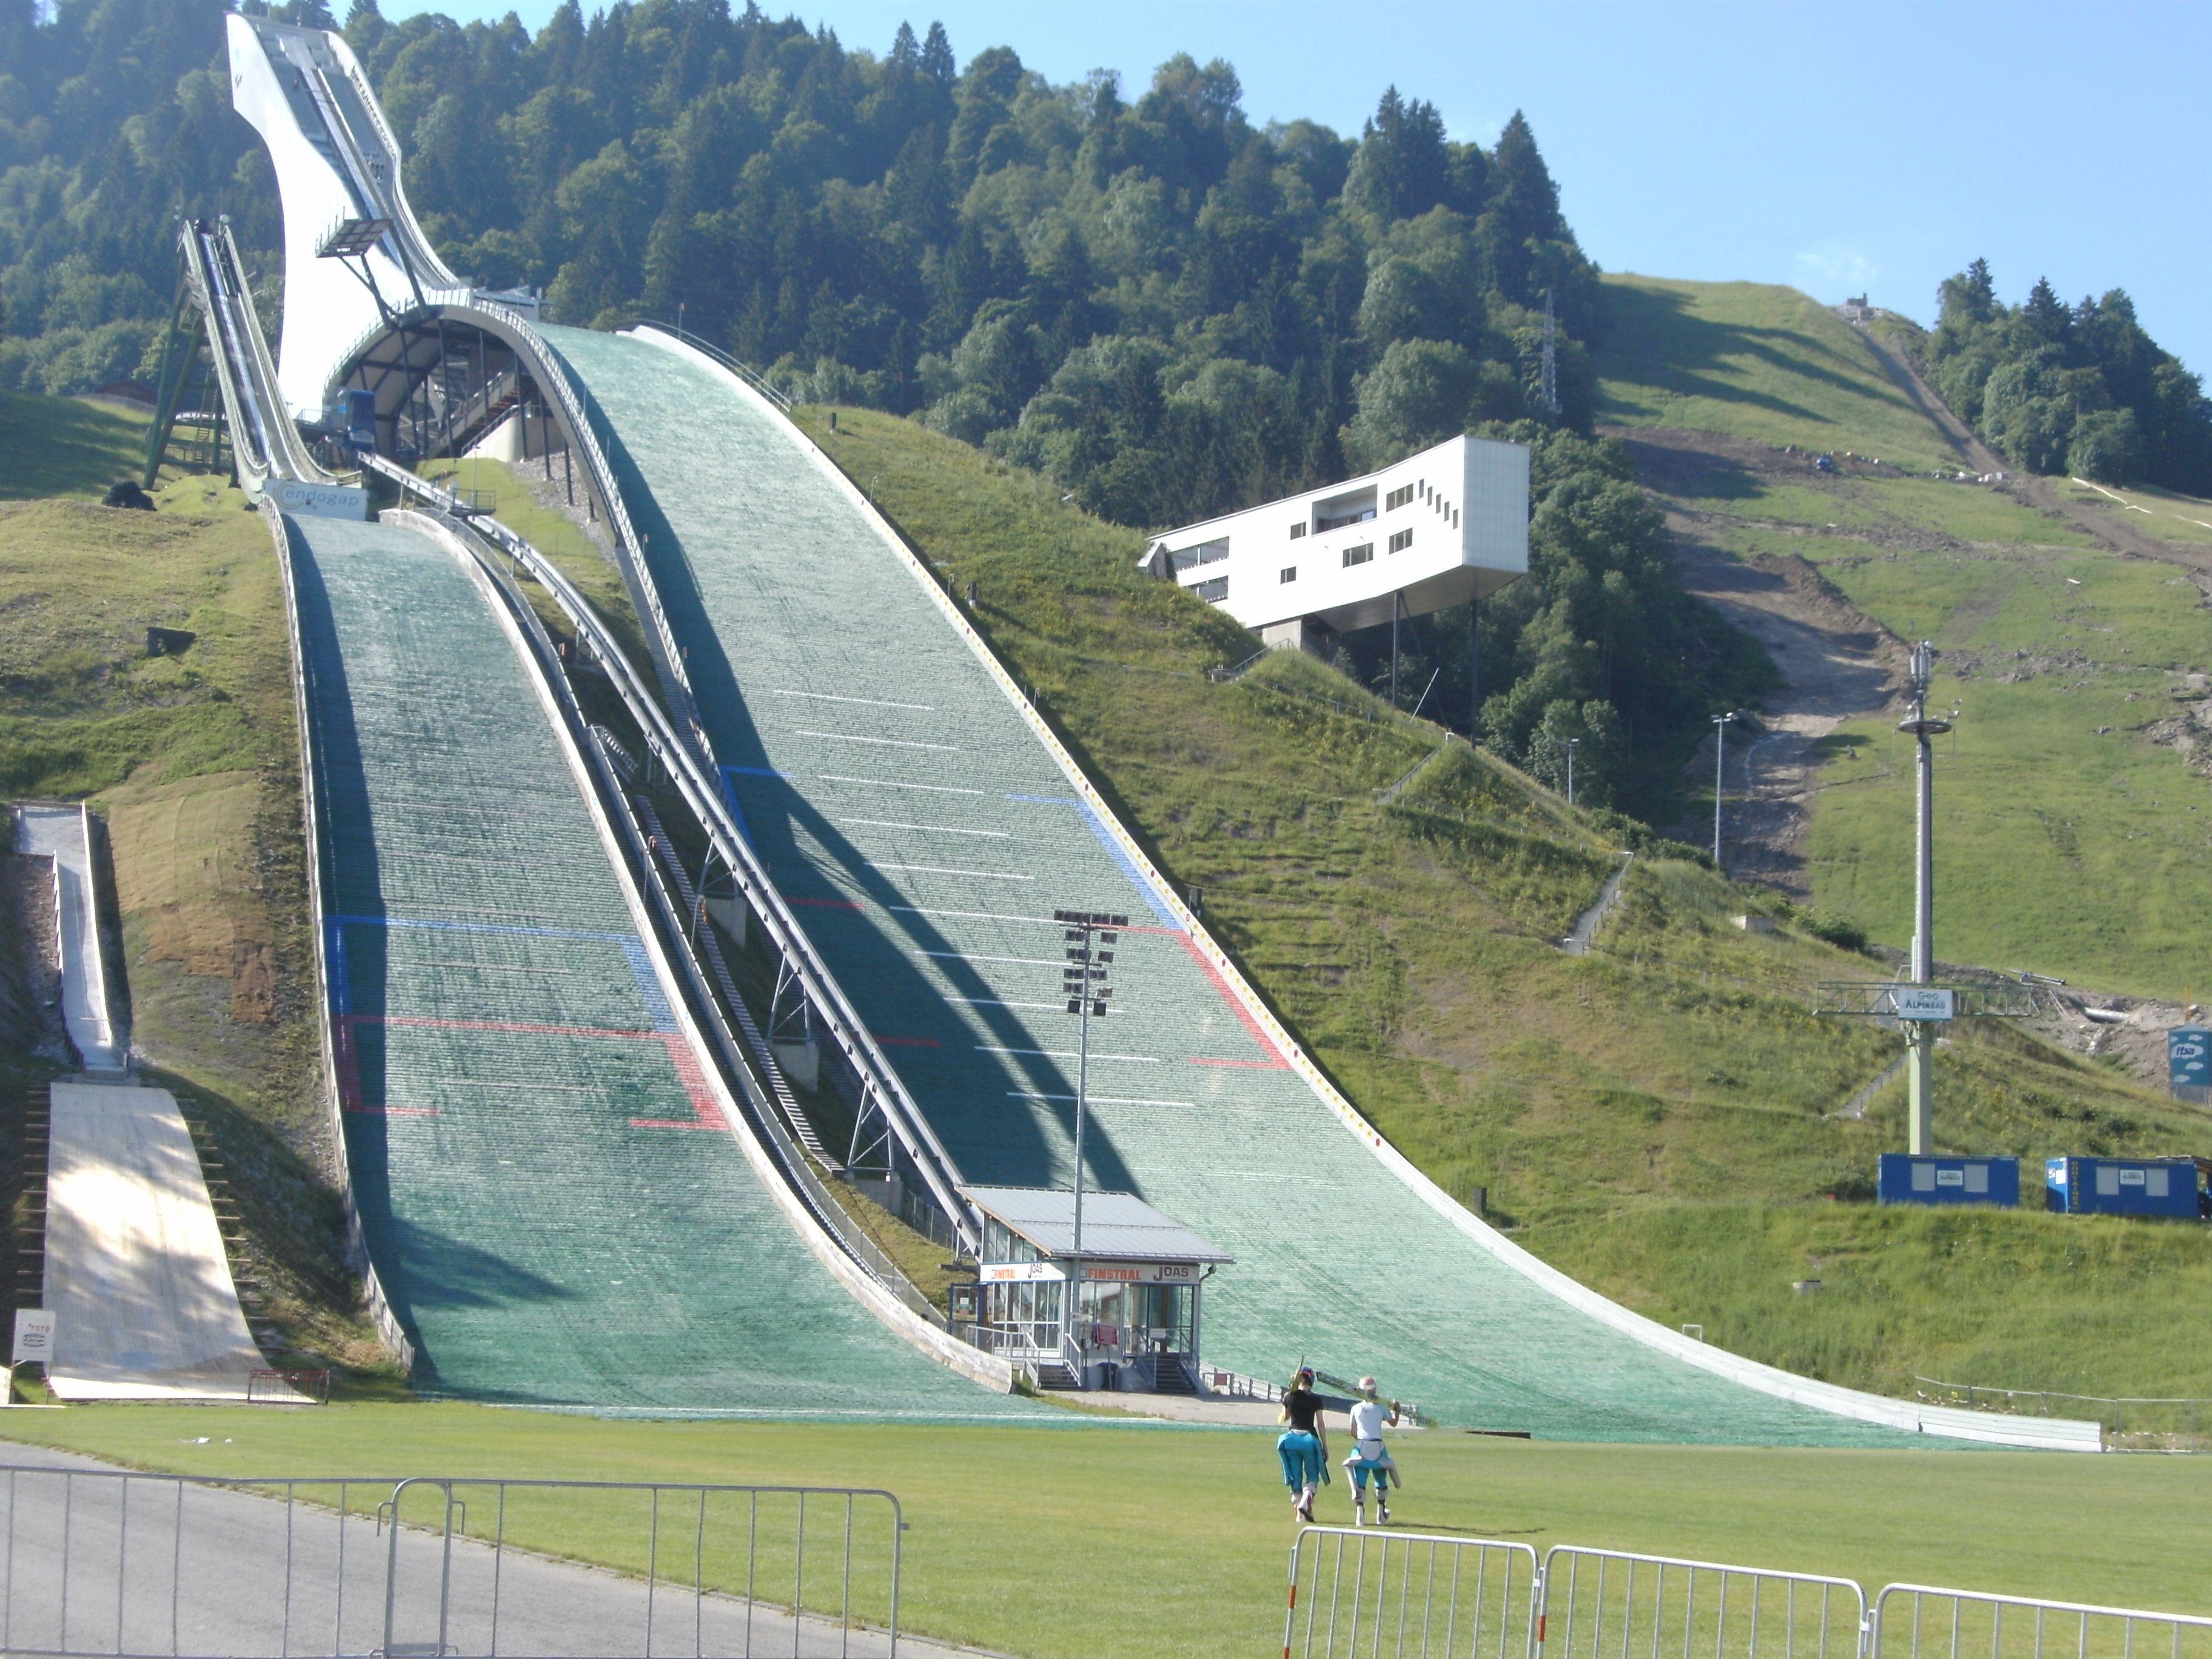 große olympiaschanze garmisch partenkirchen